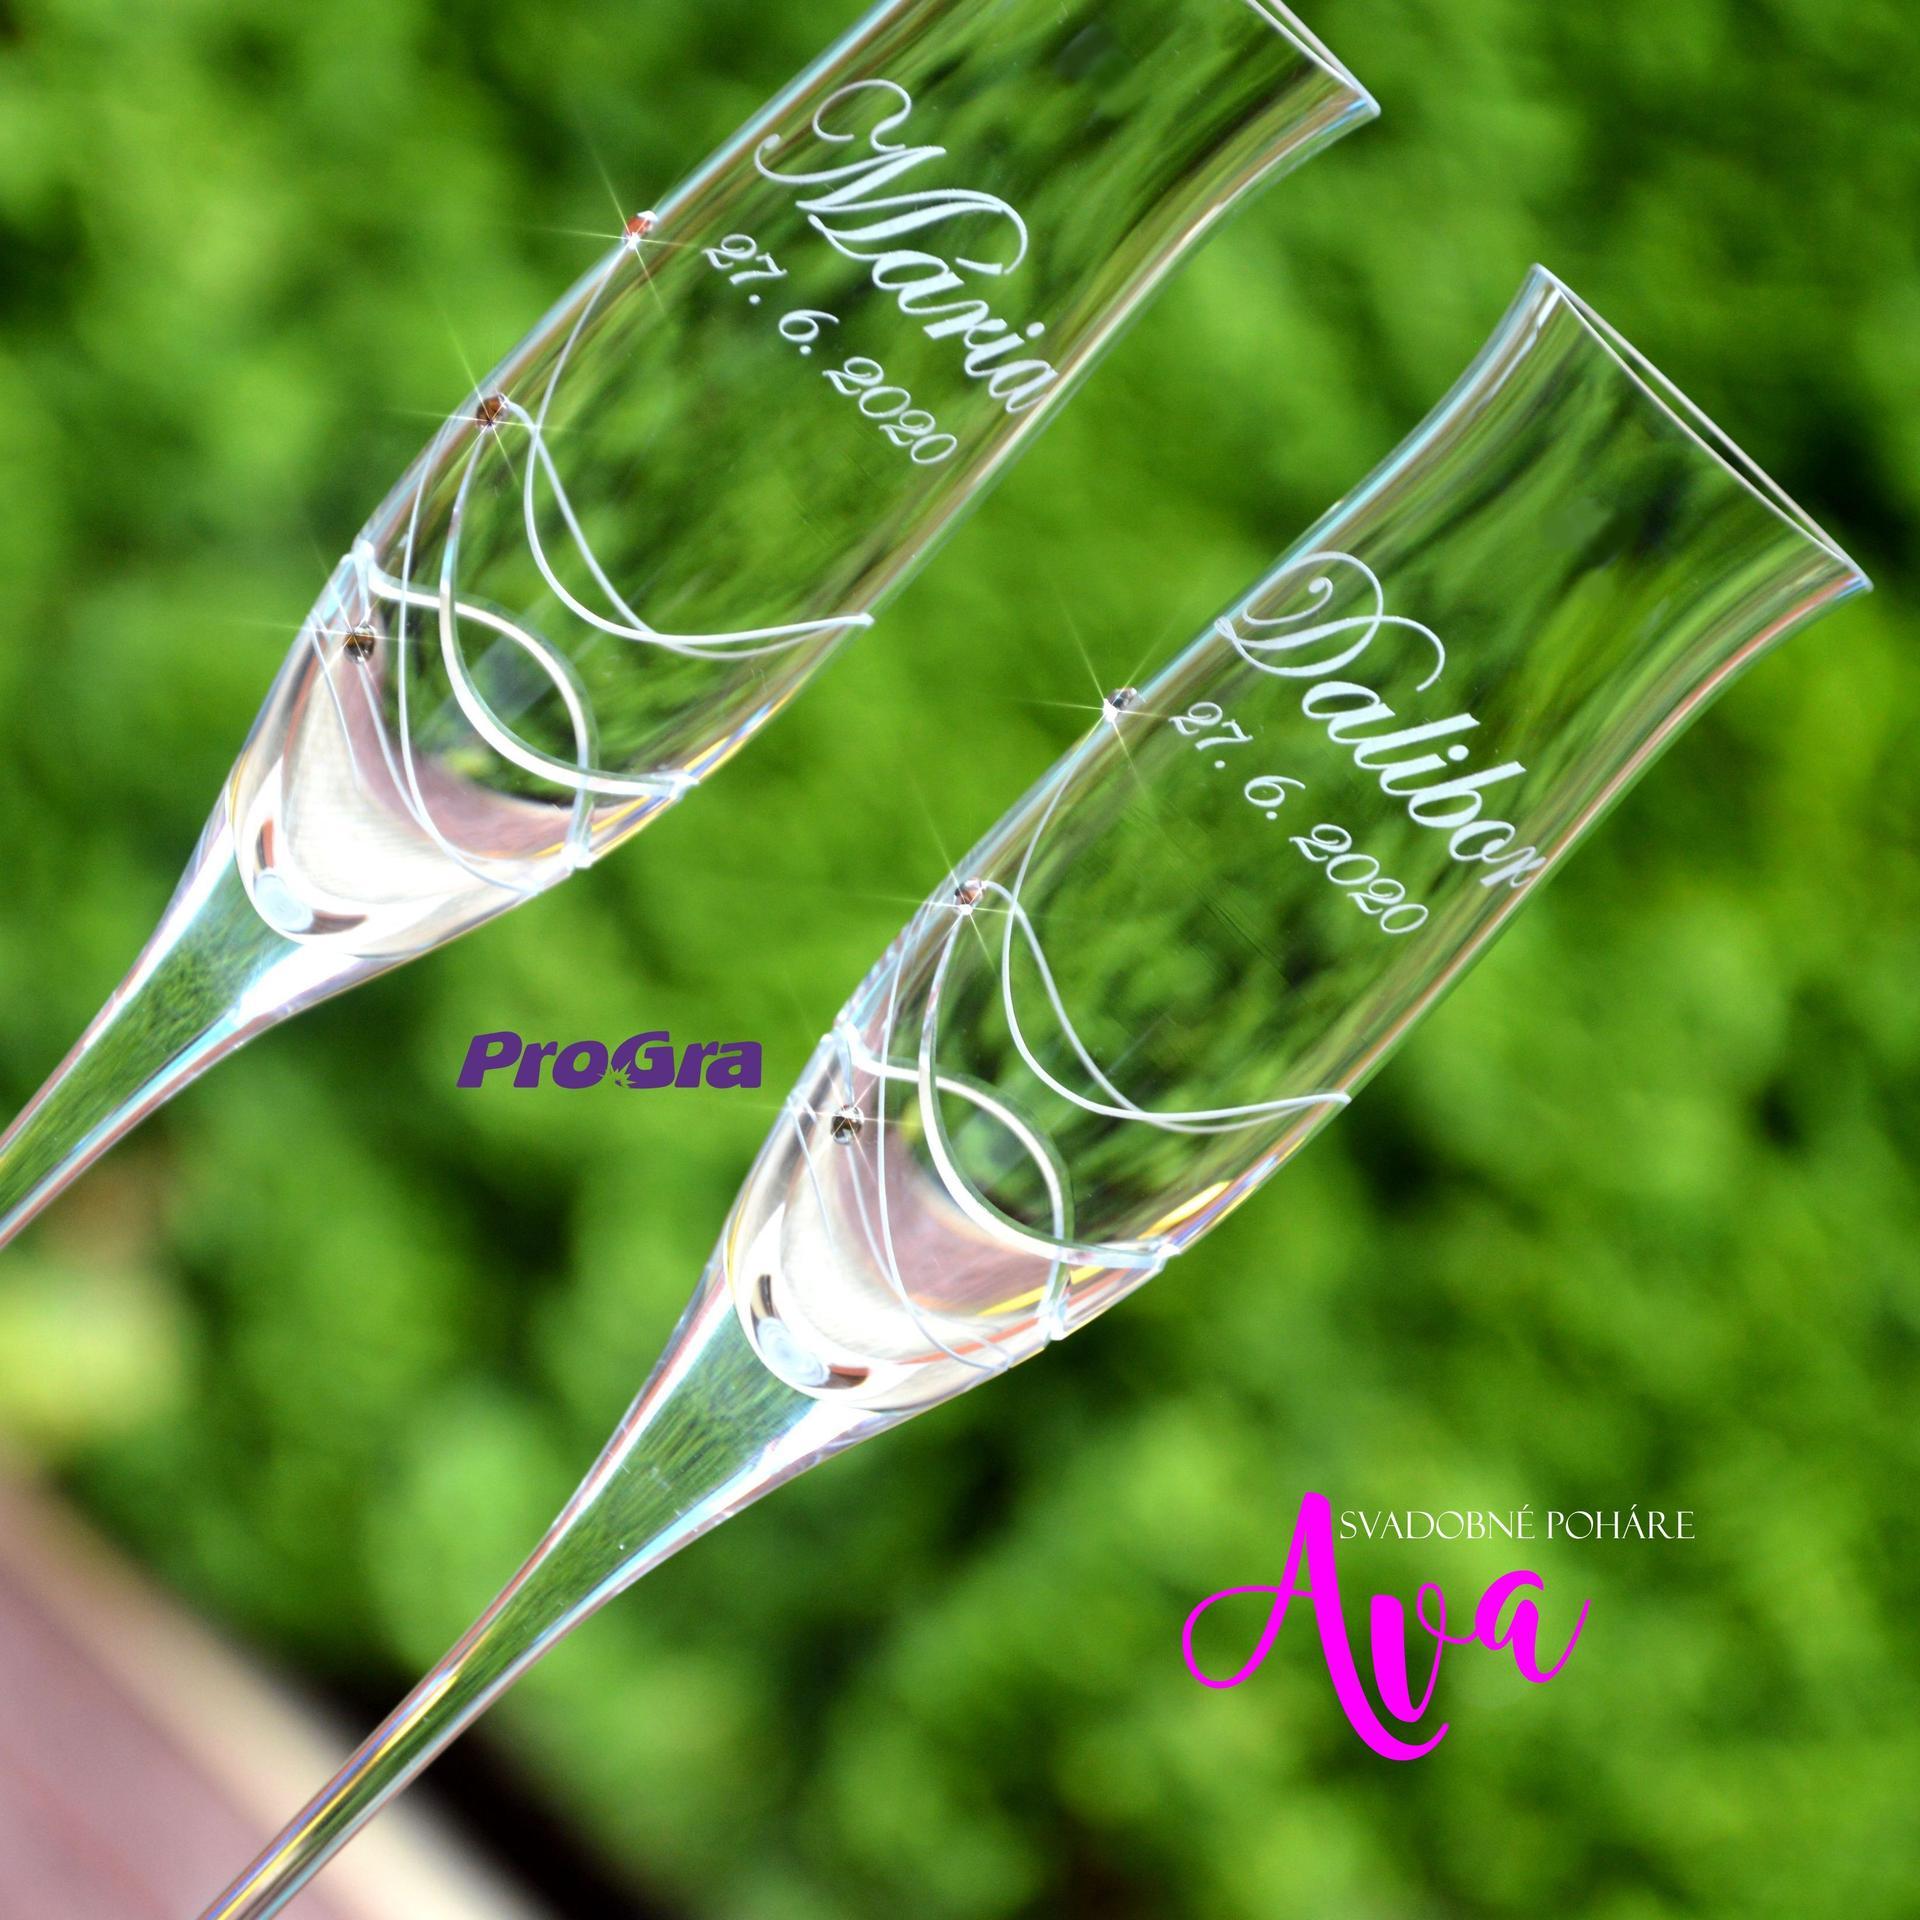 Svadobné poháriky - Obrázok č. 123